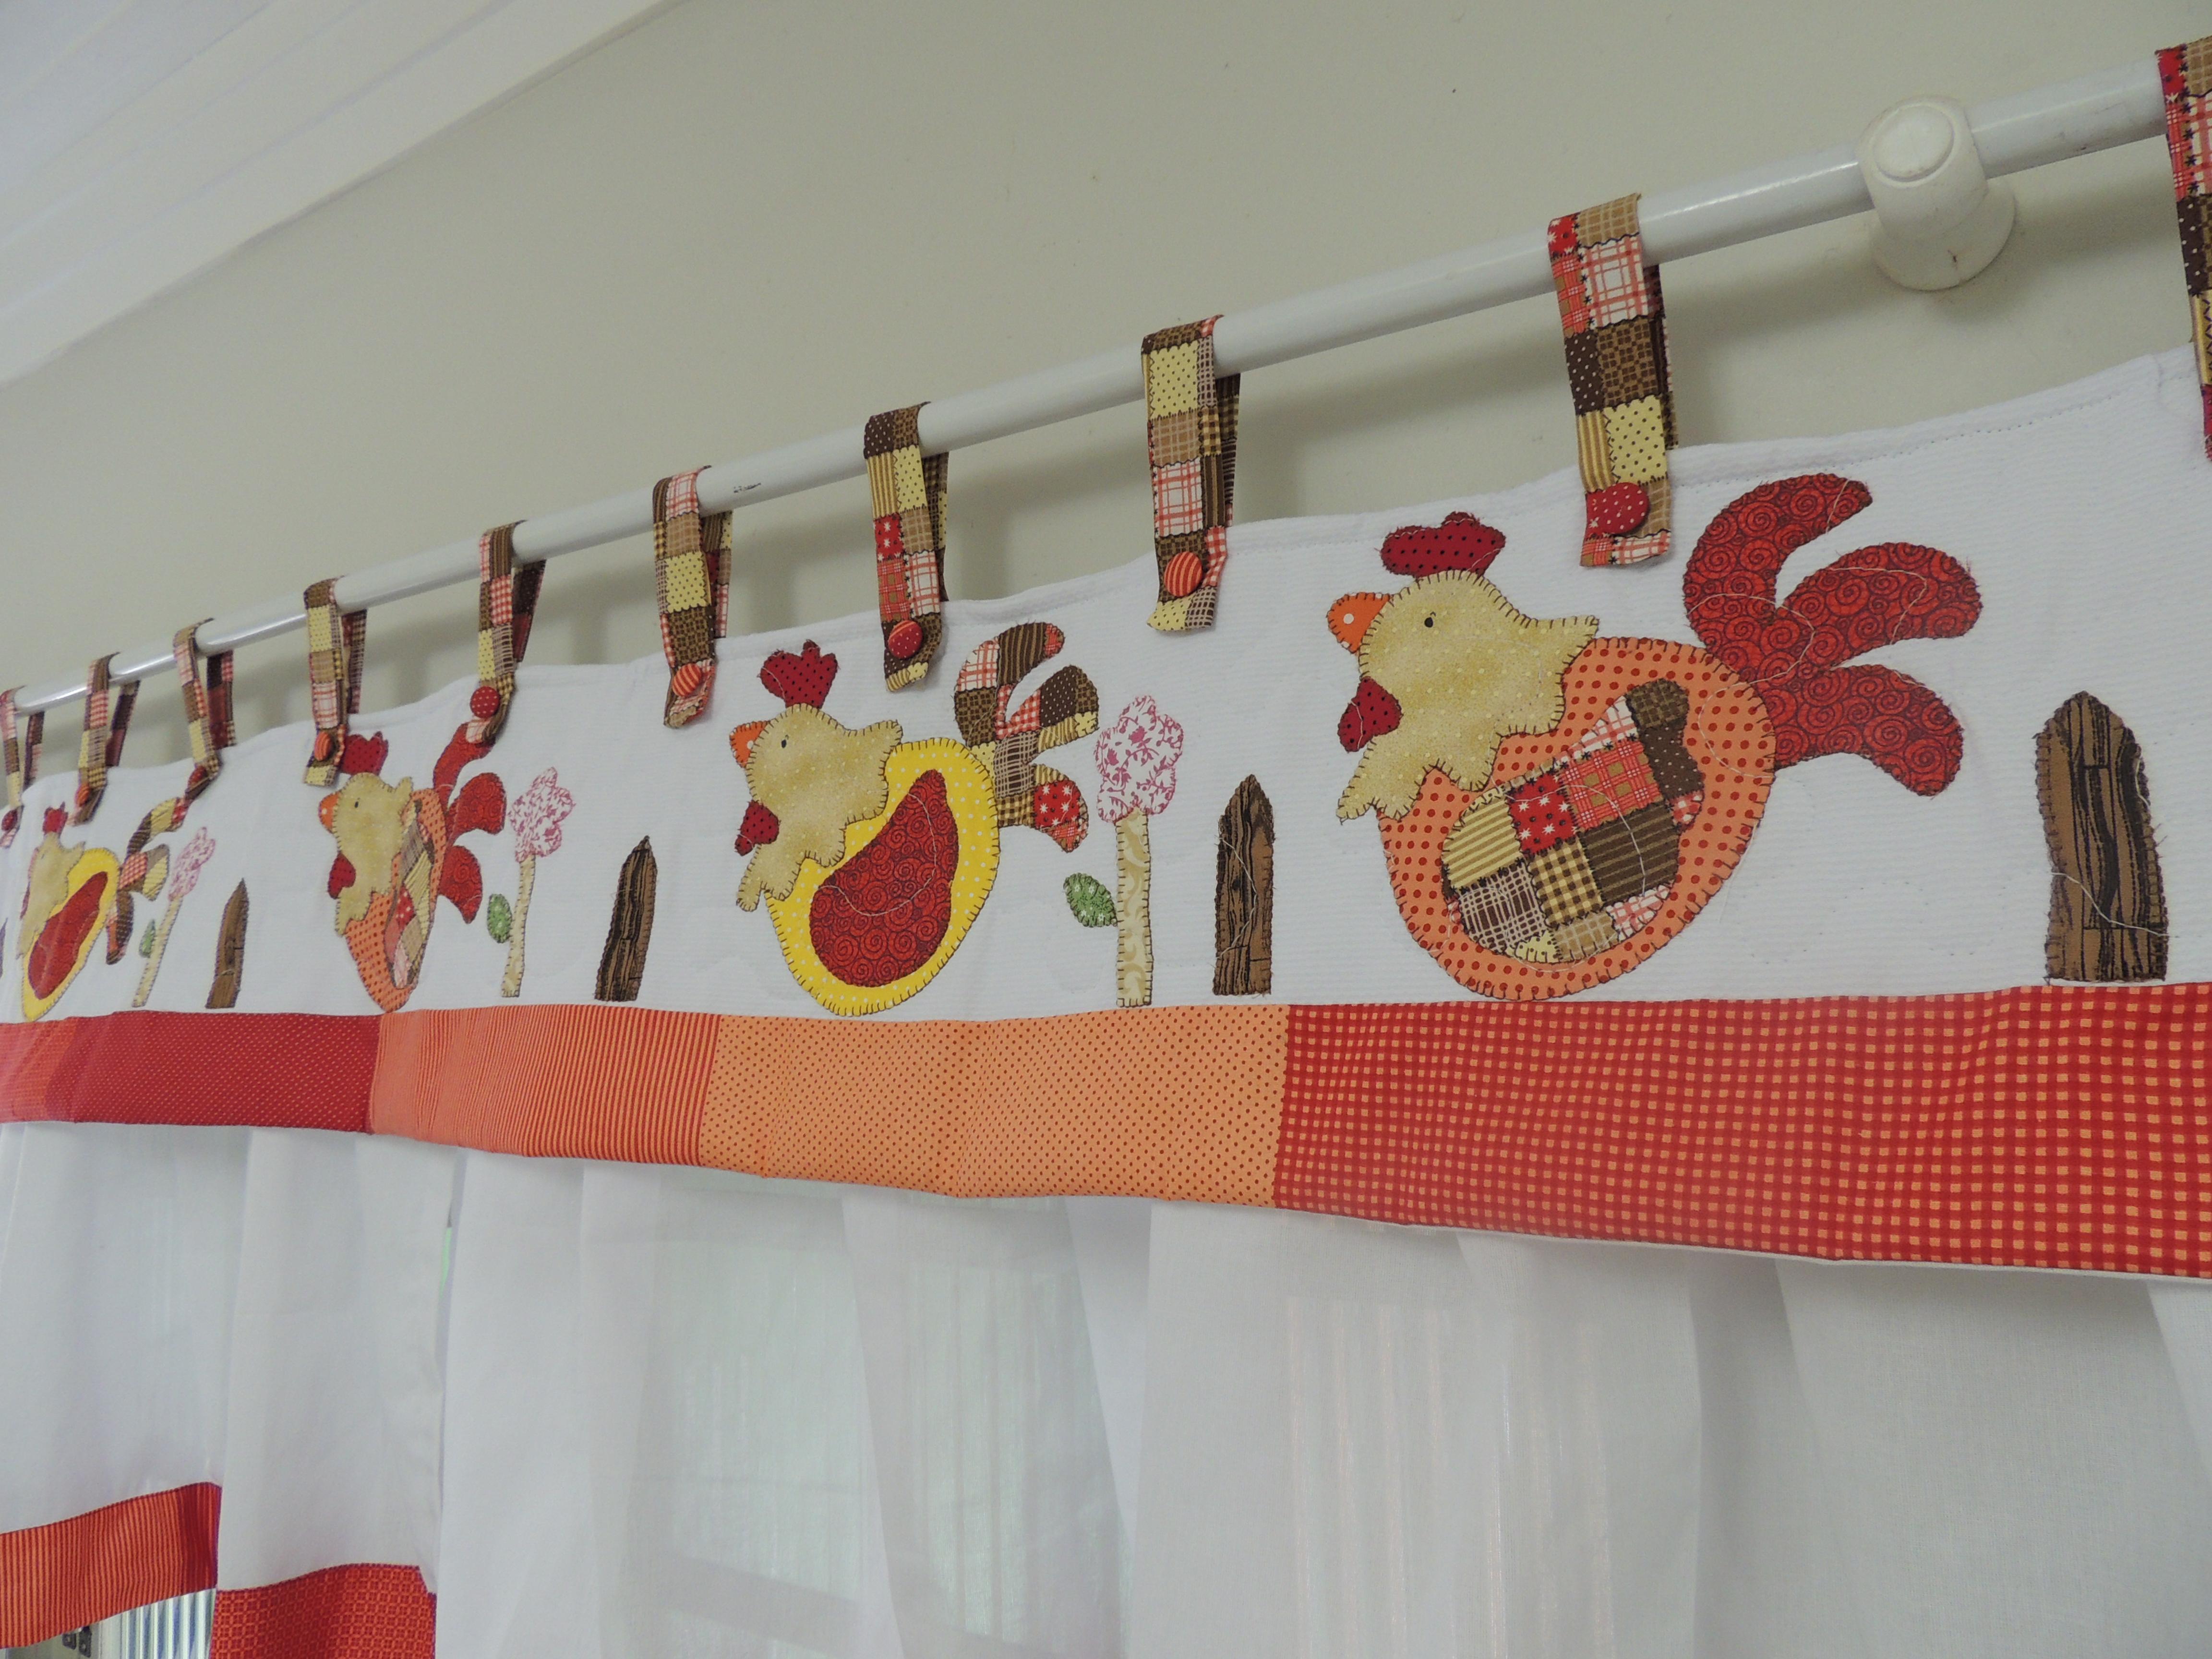 de cozinha galinha patchwork cortina de galinha cortina de cozinha